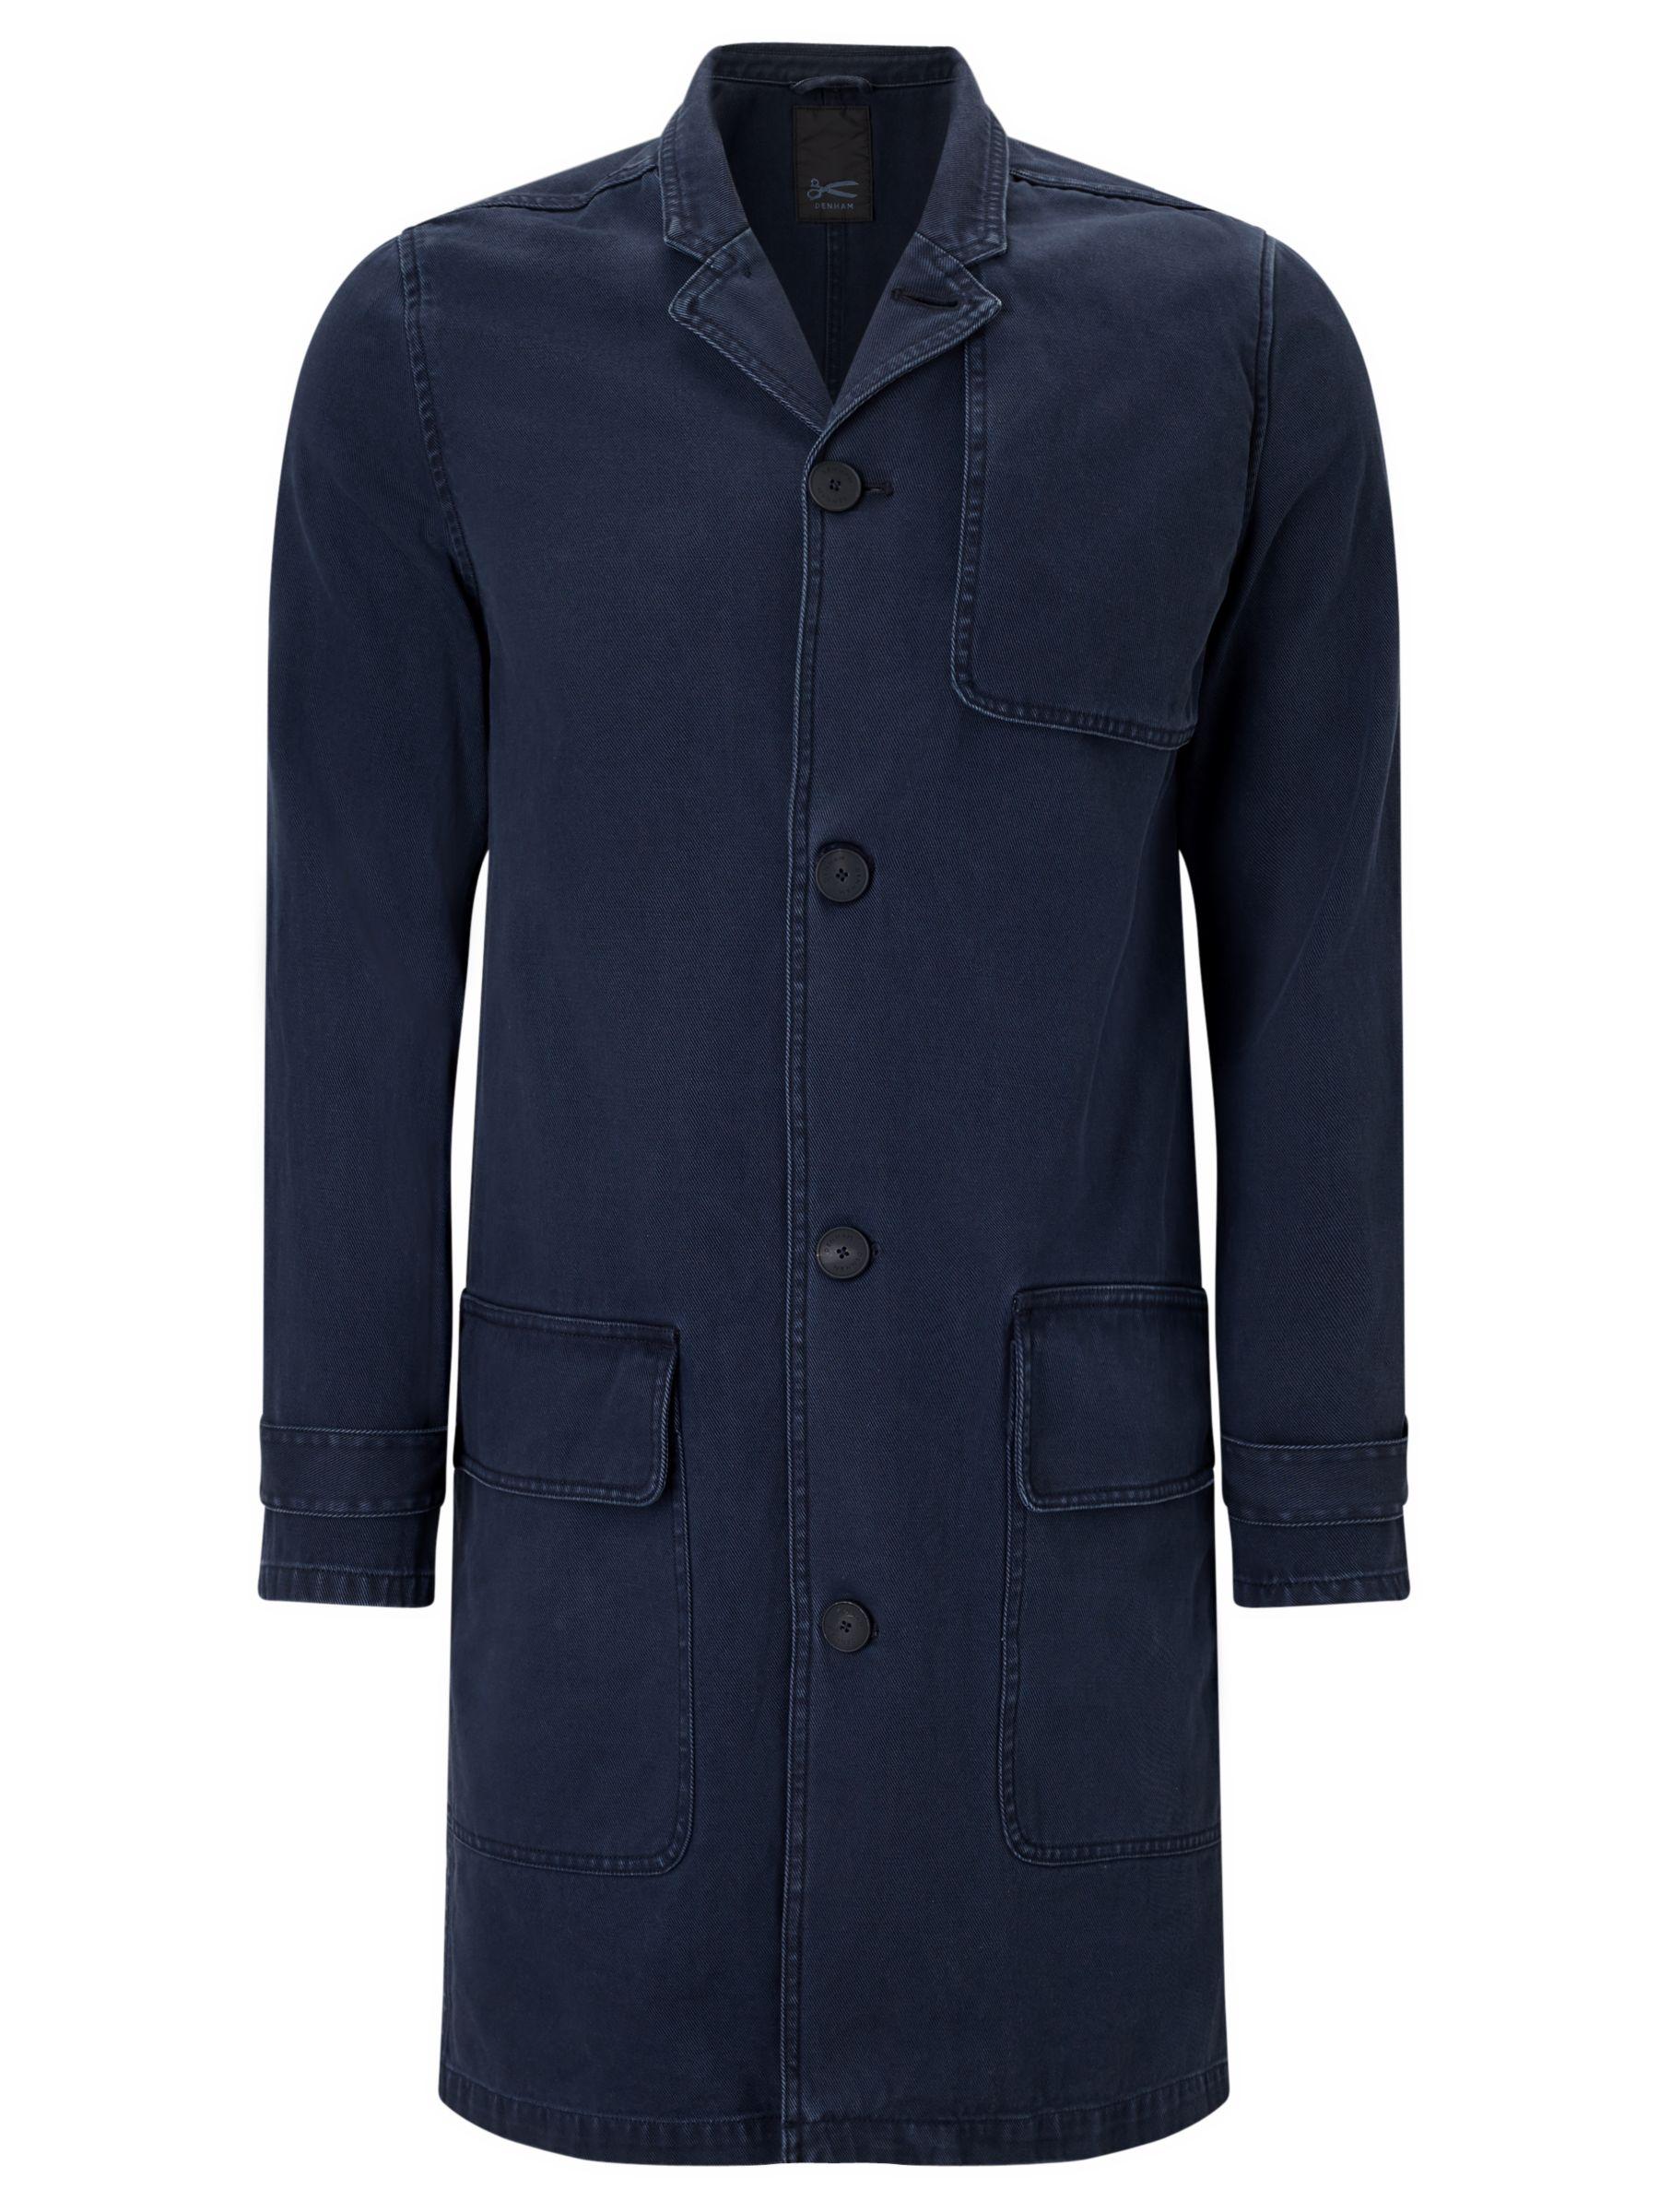 Denham Denham Travel Coat, Dark Navy